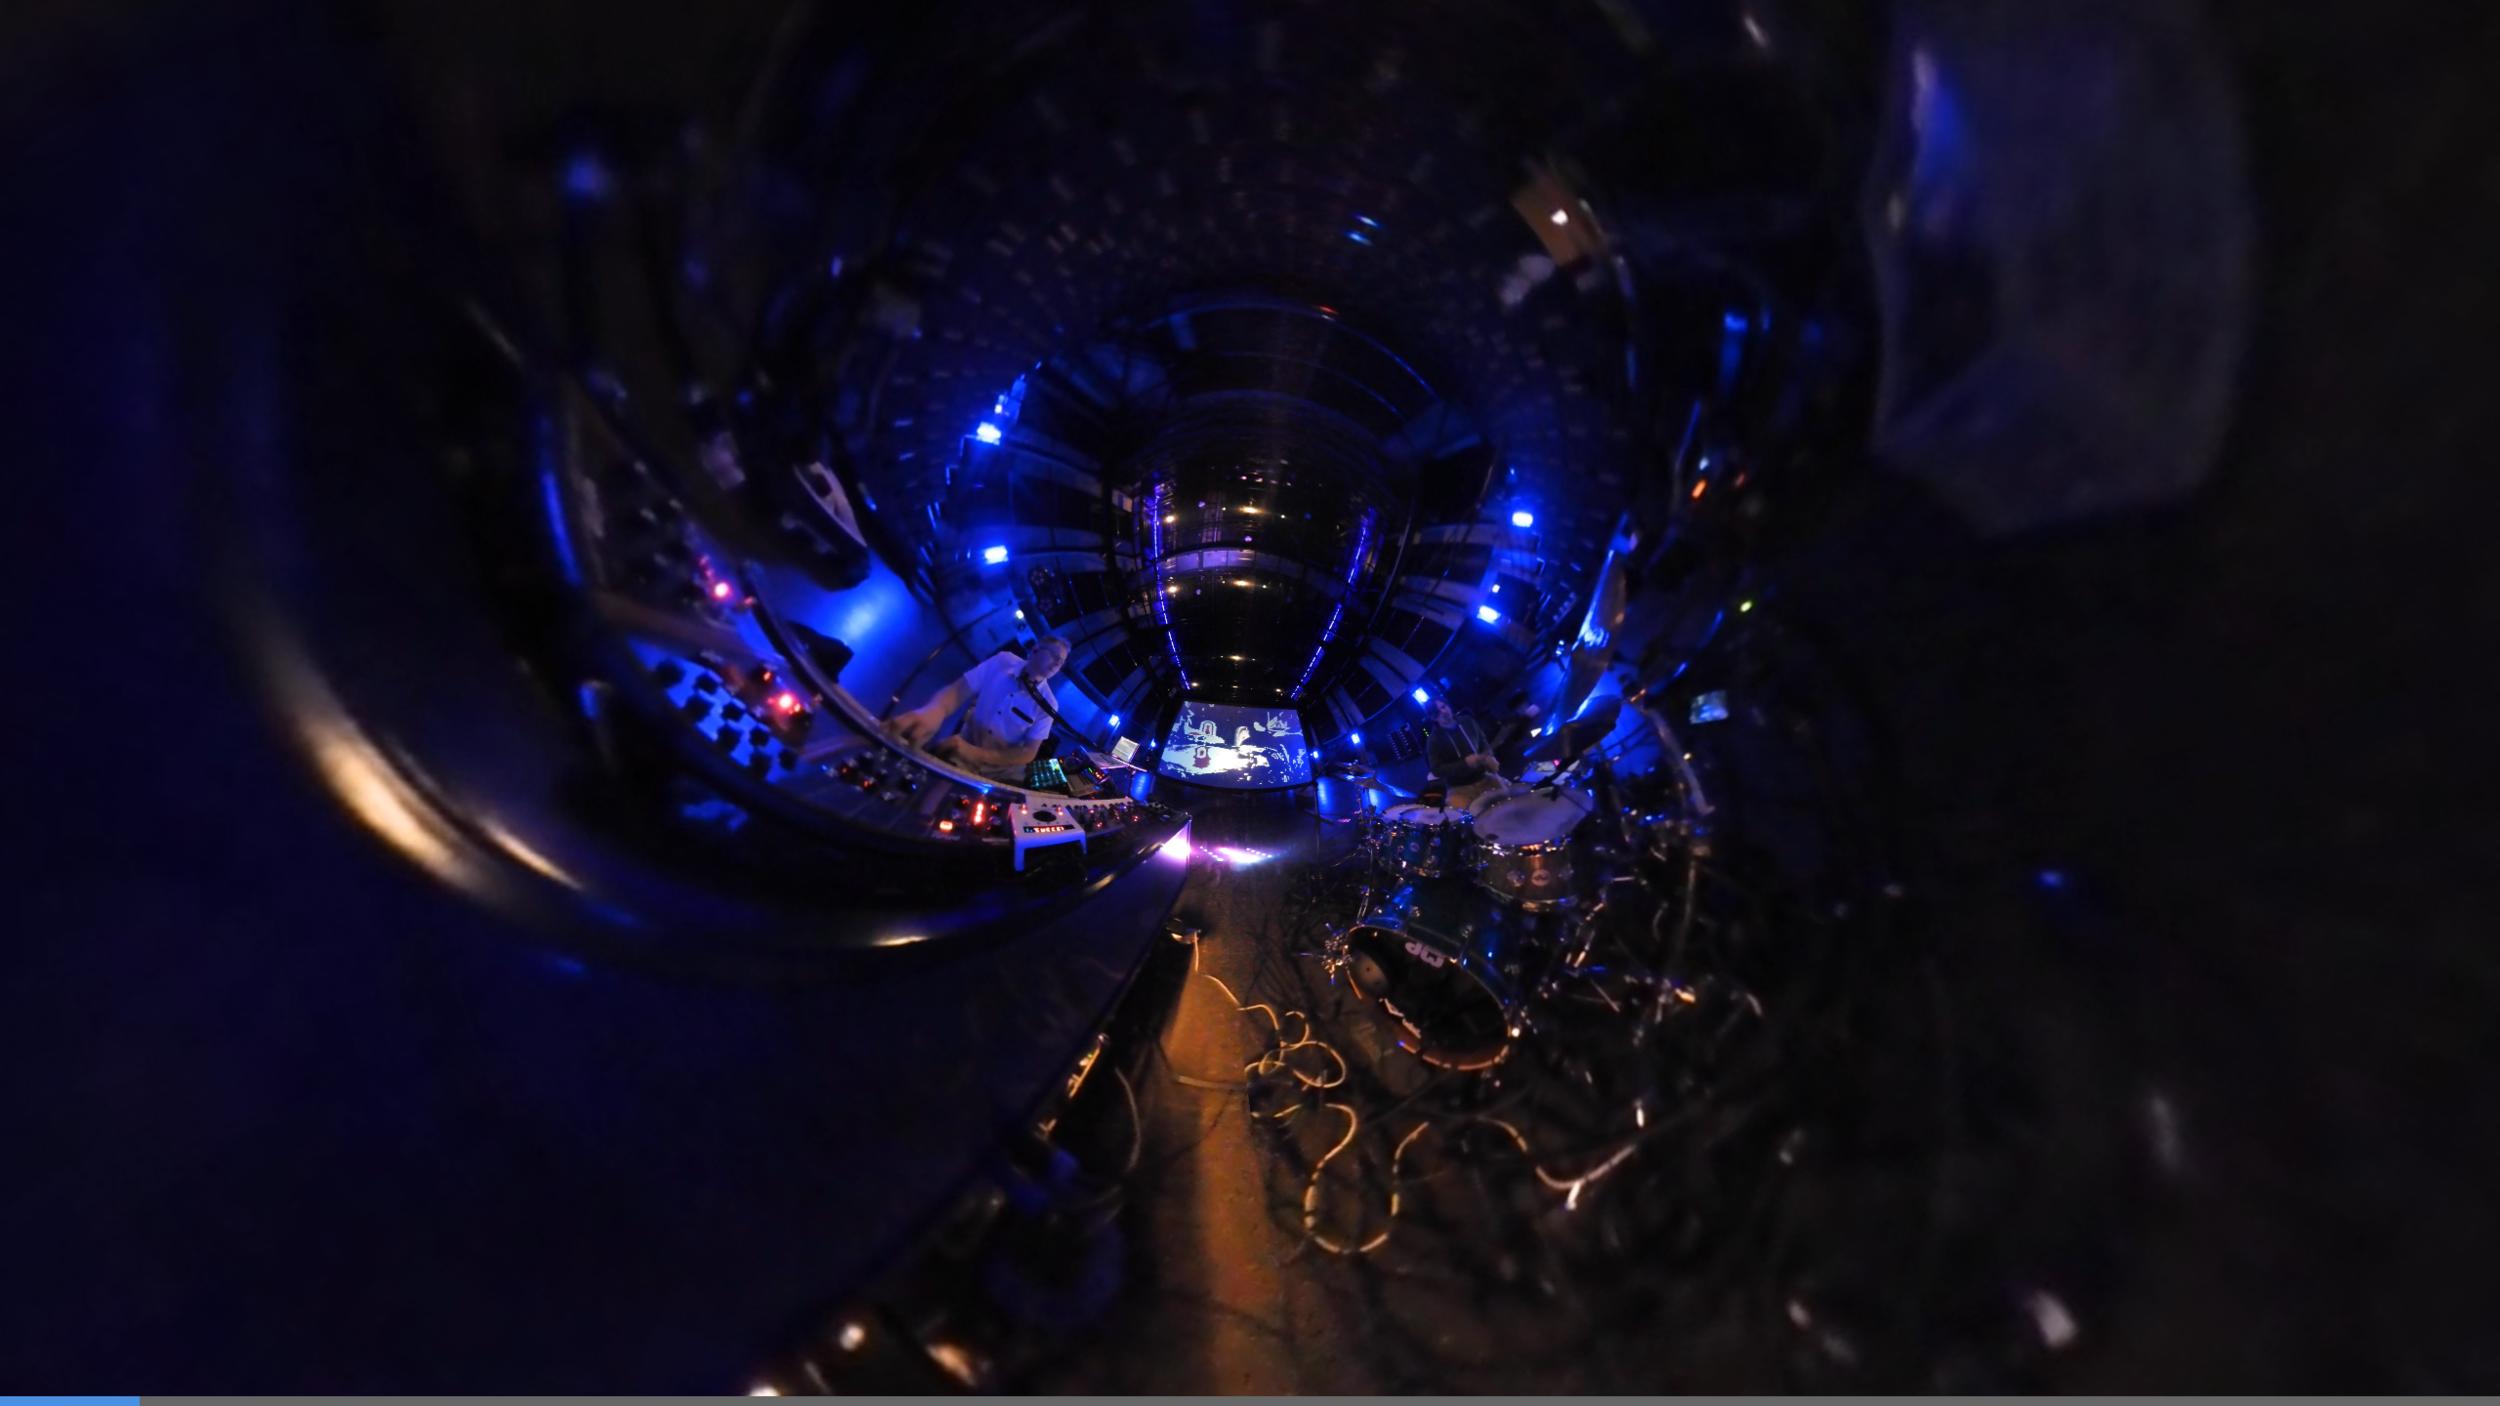 Jordi, me & Job's visuals in 360, Energiehuis Dordrecht